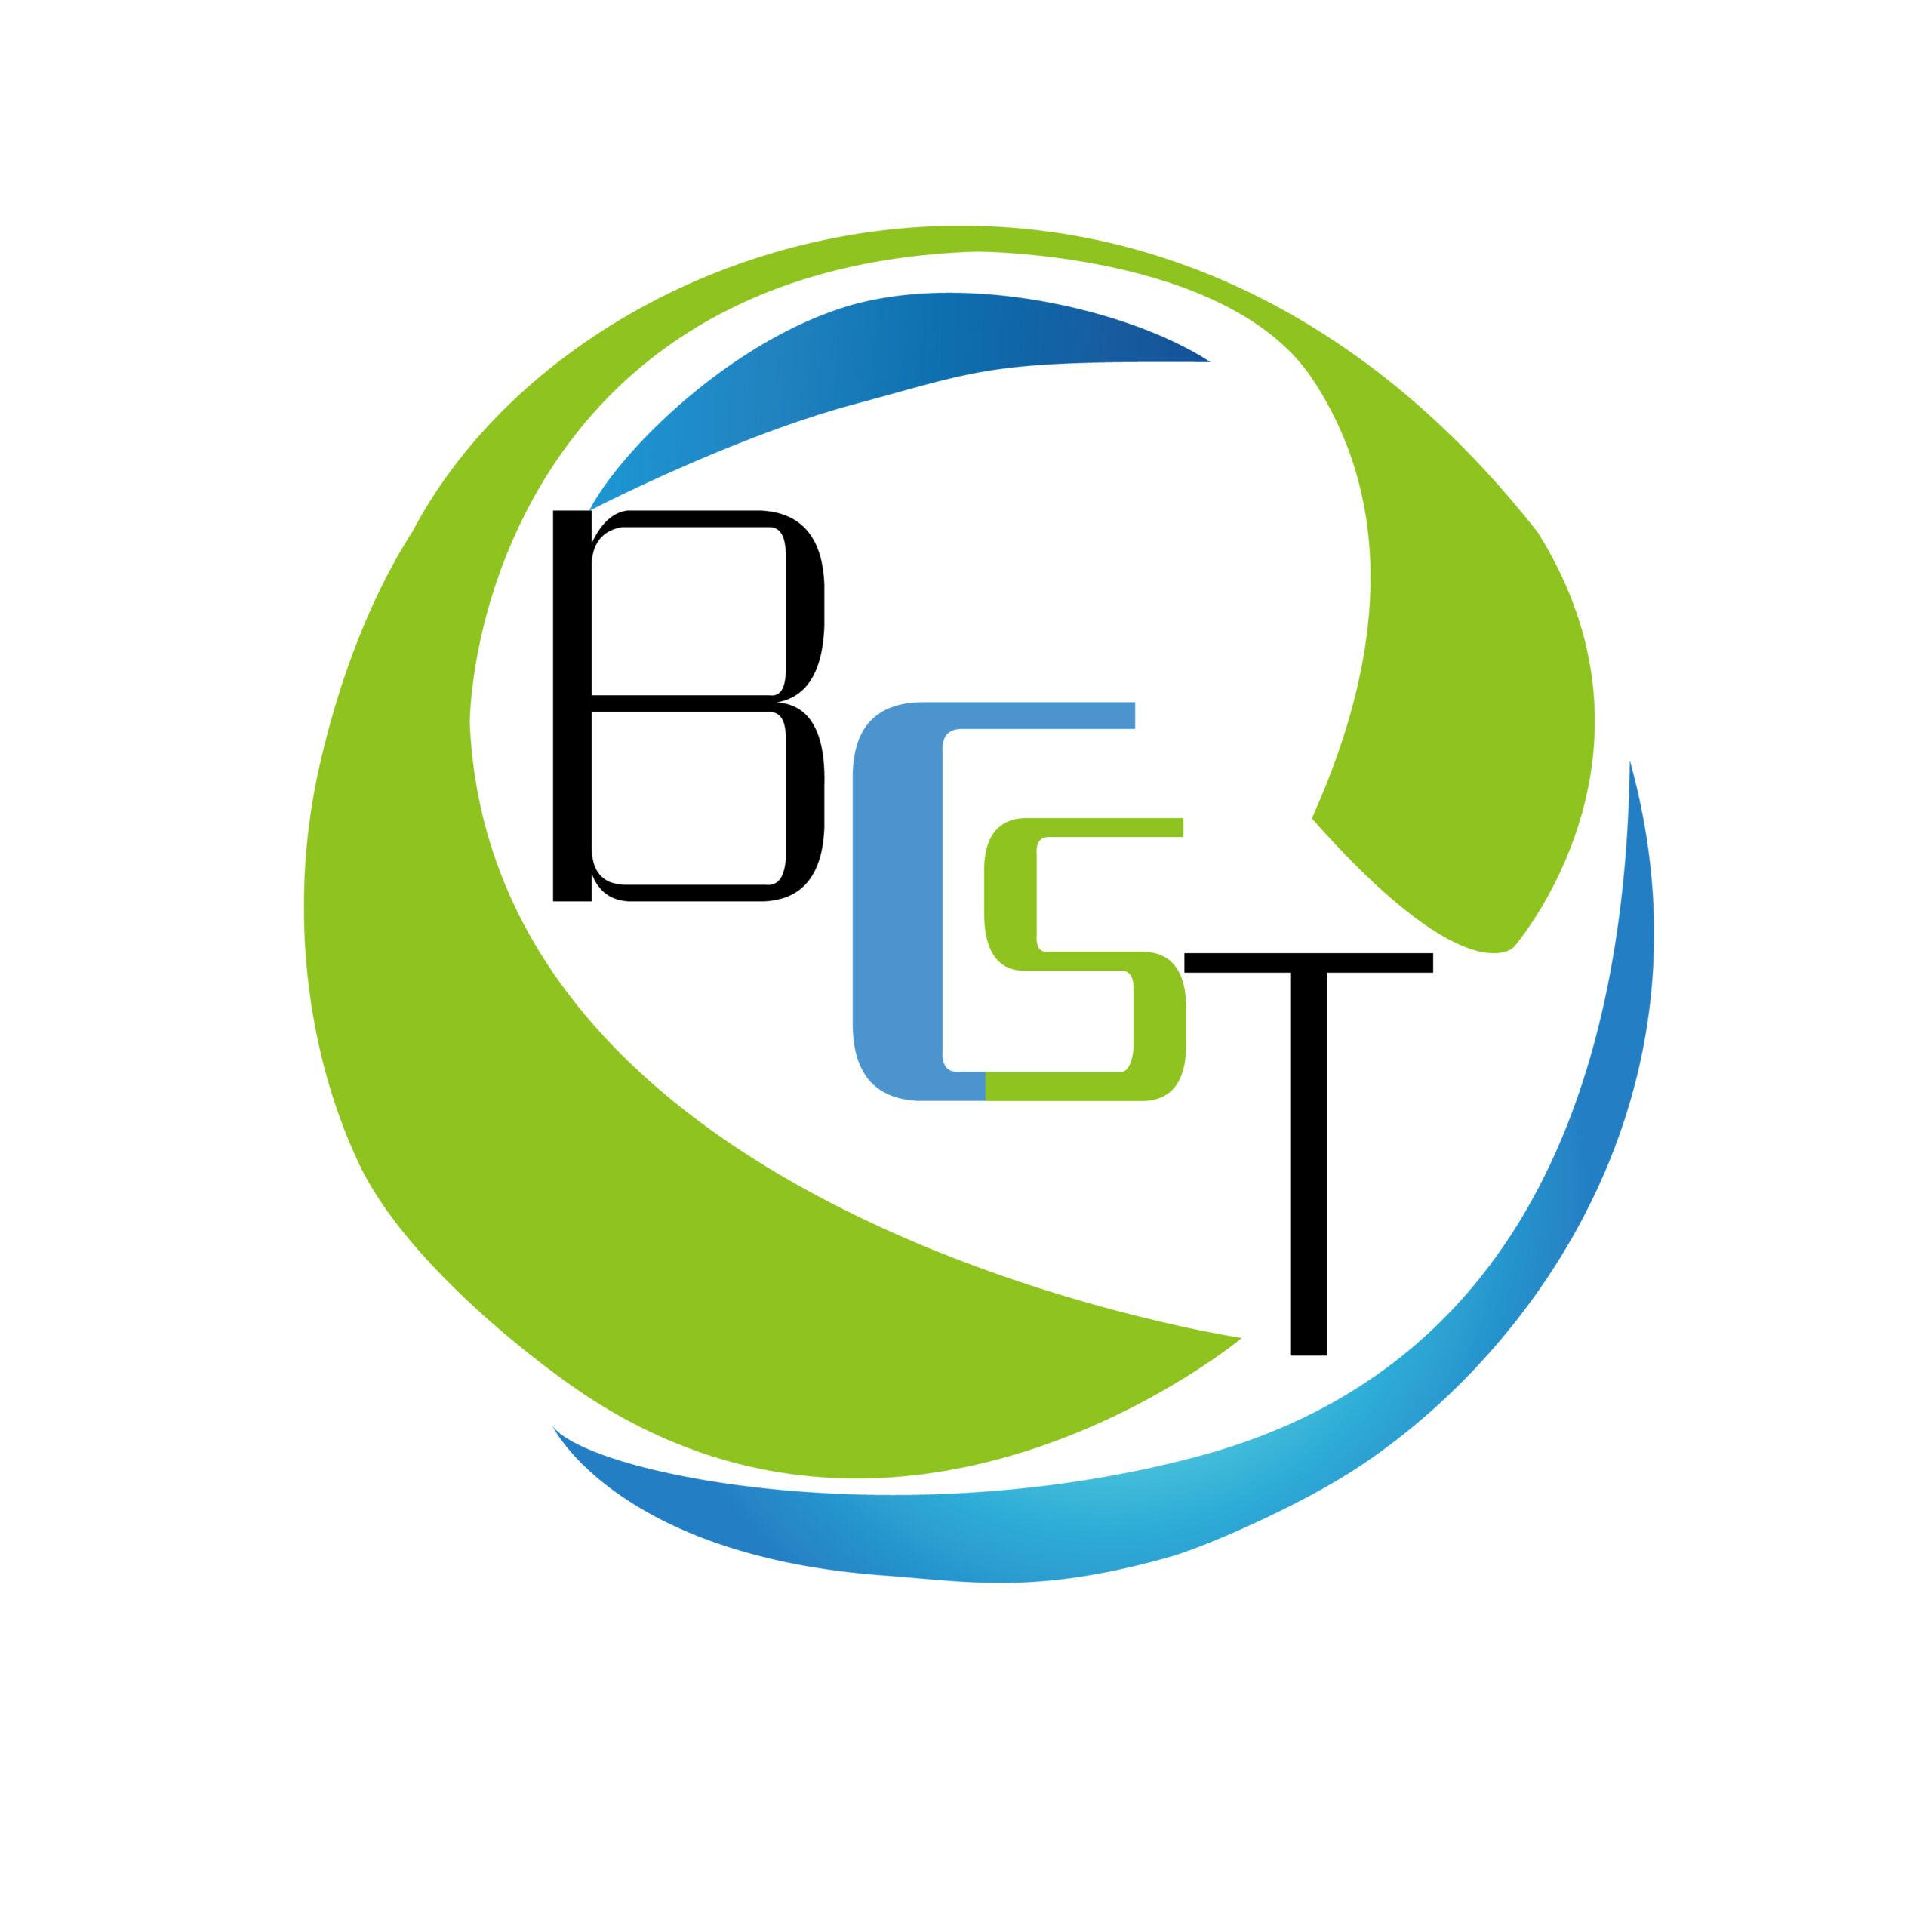 BCST Valve Co.,Ltd